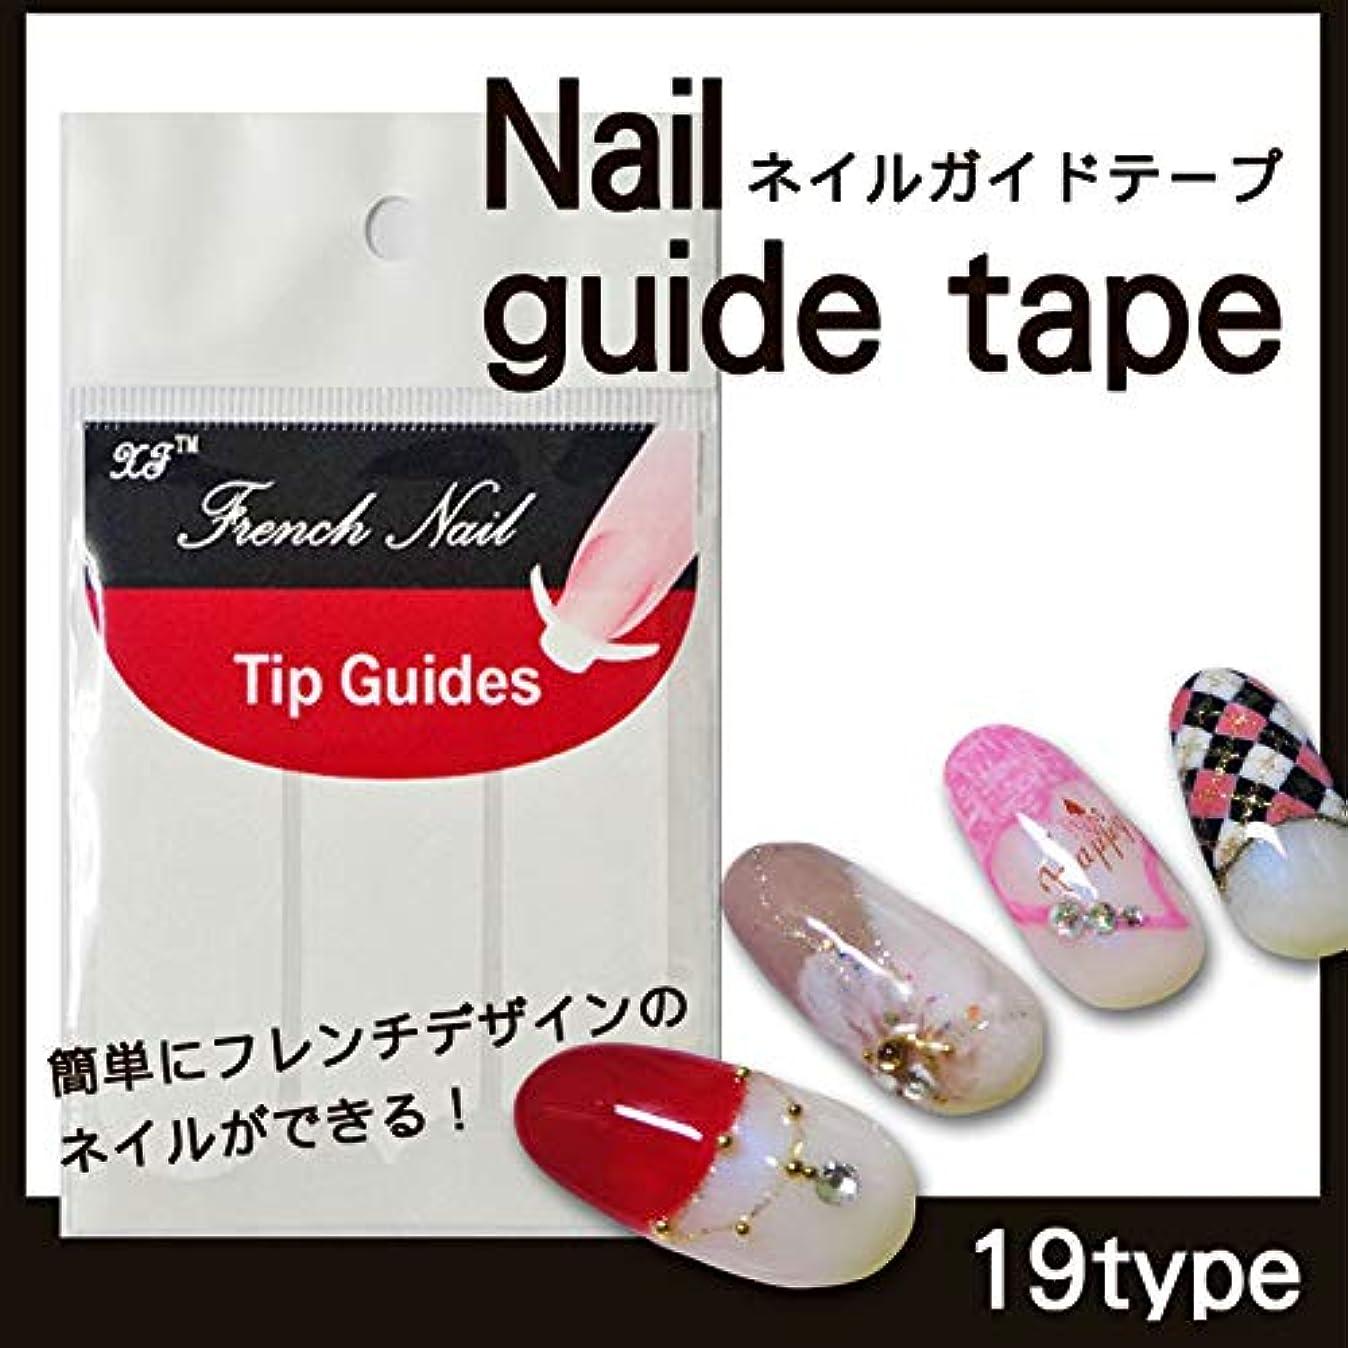 実行排除するサドルネイル用 ガイドテープ (ガイドテープ【8】)